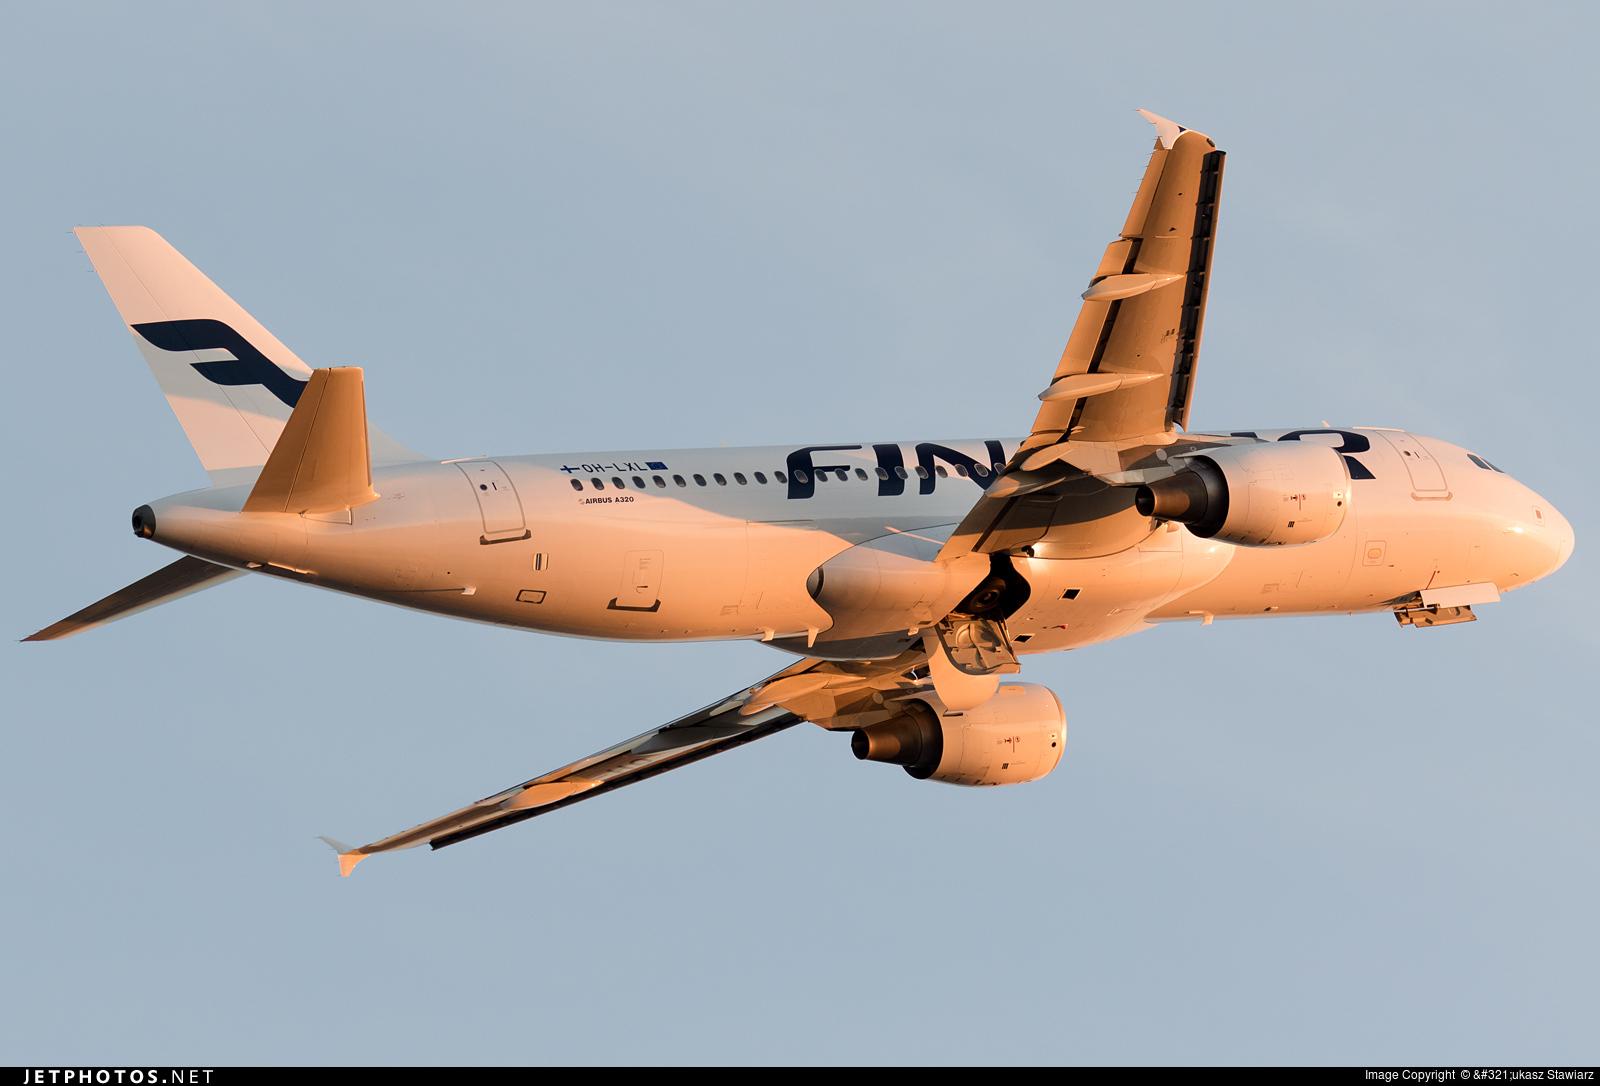 OH-LXL - Airbus A320-214 - Finnair